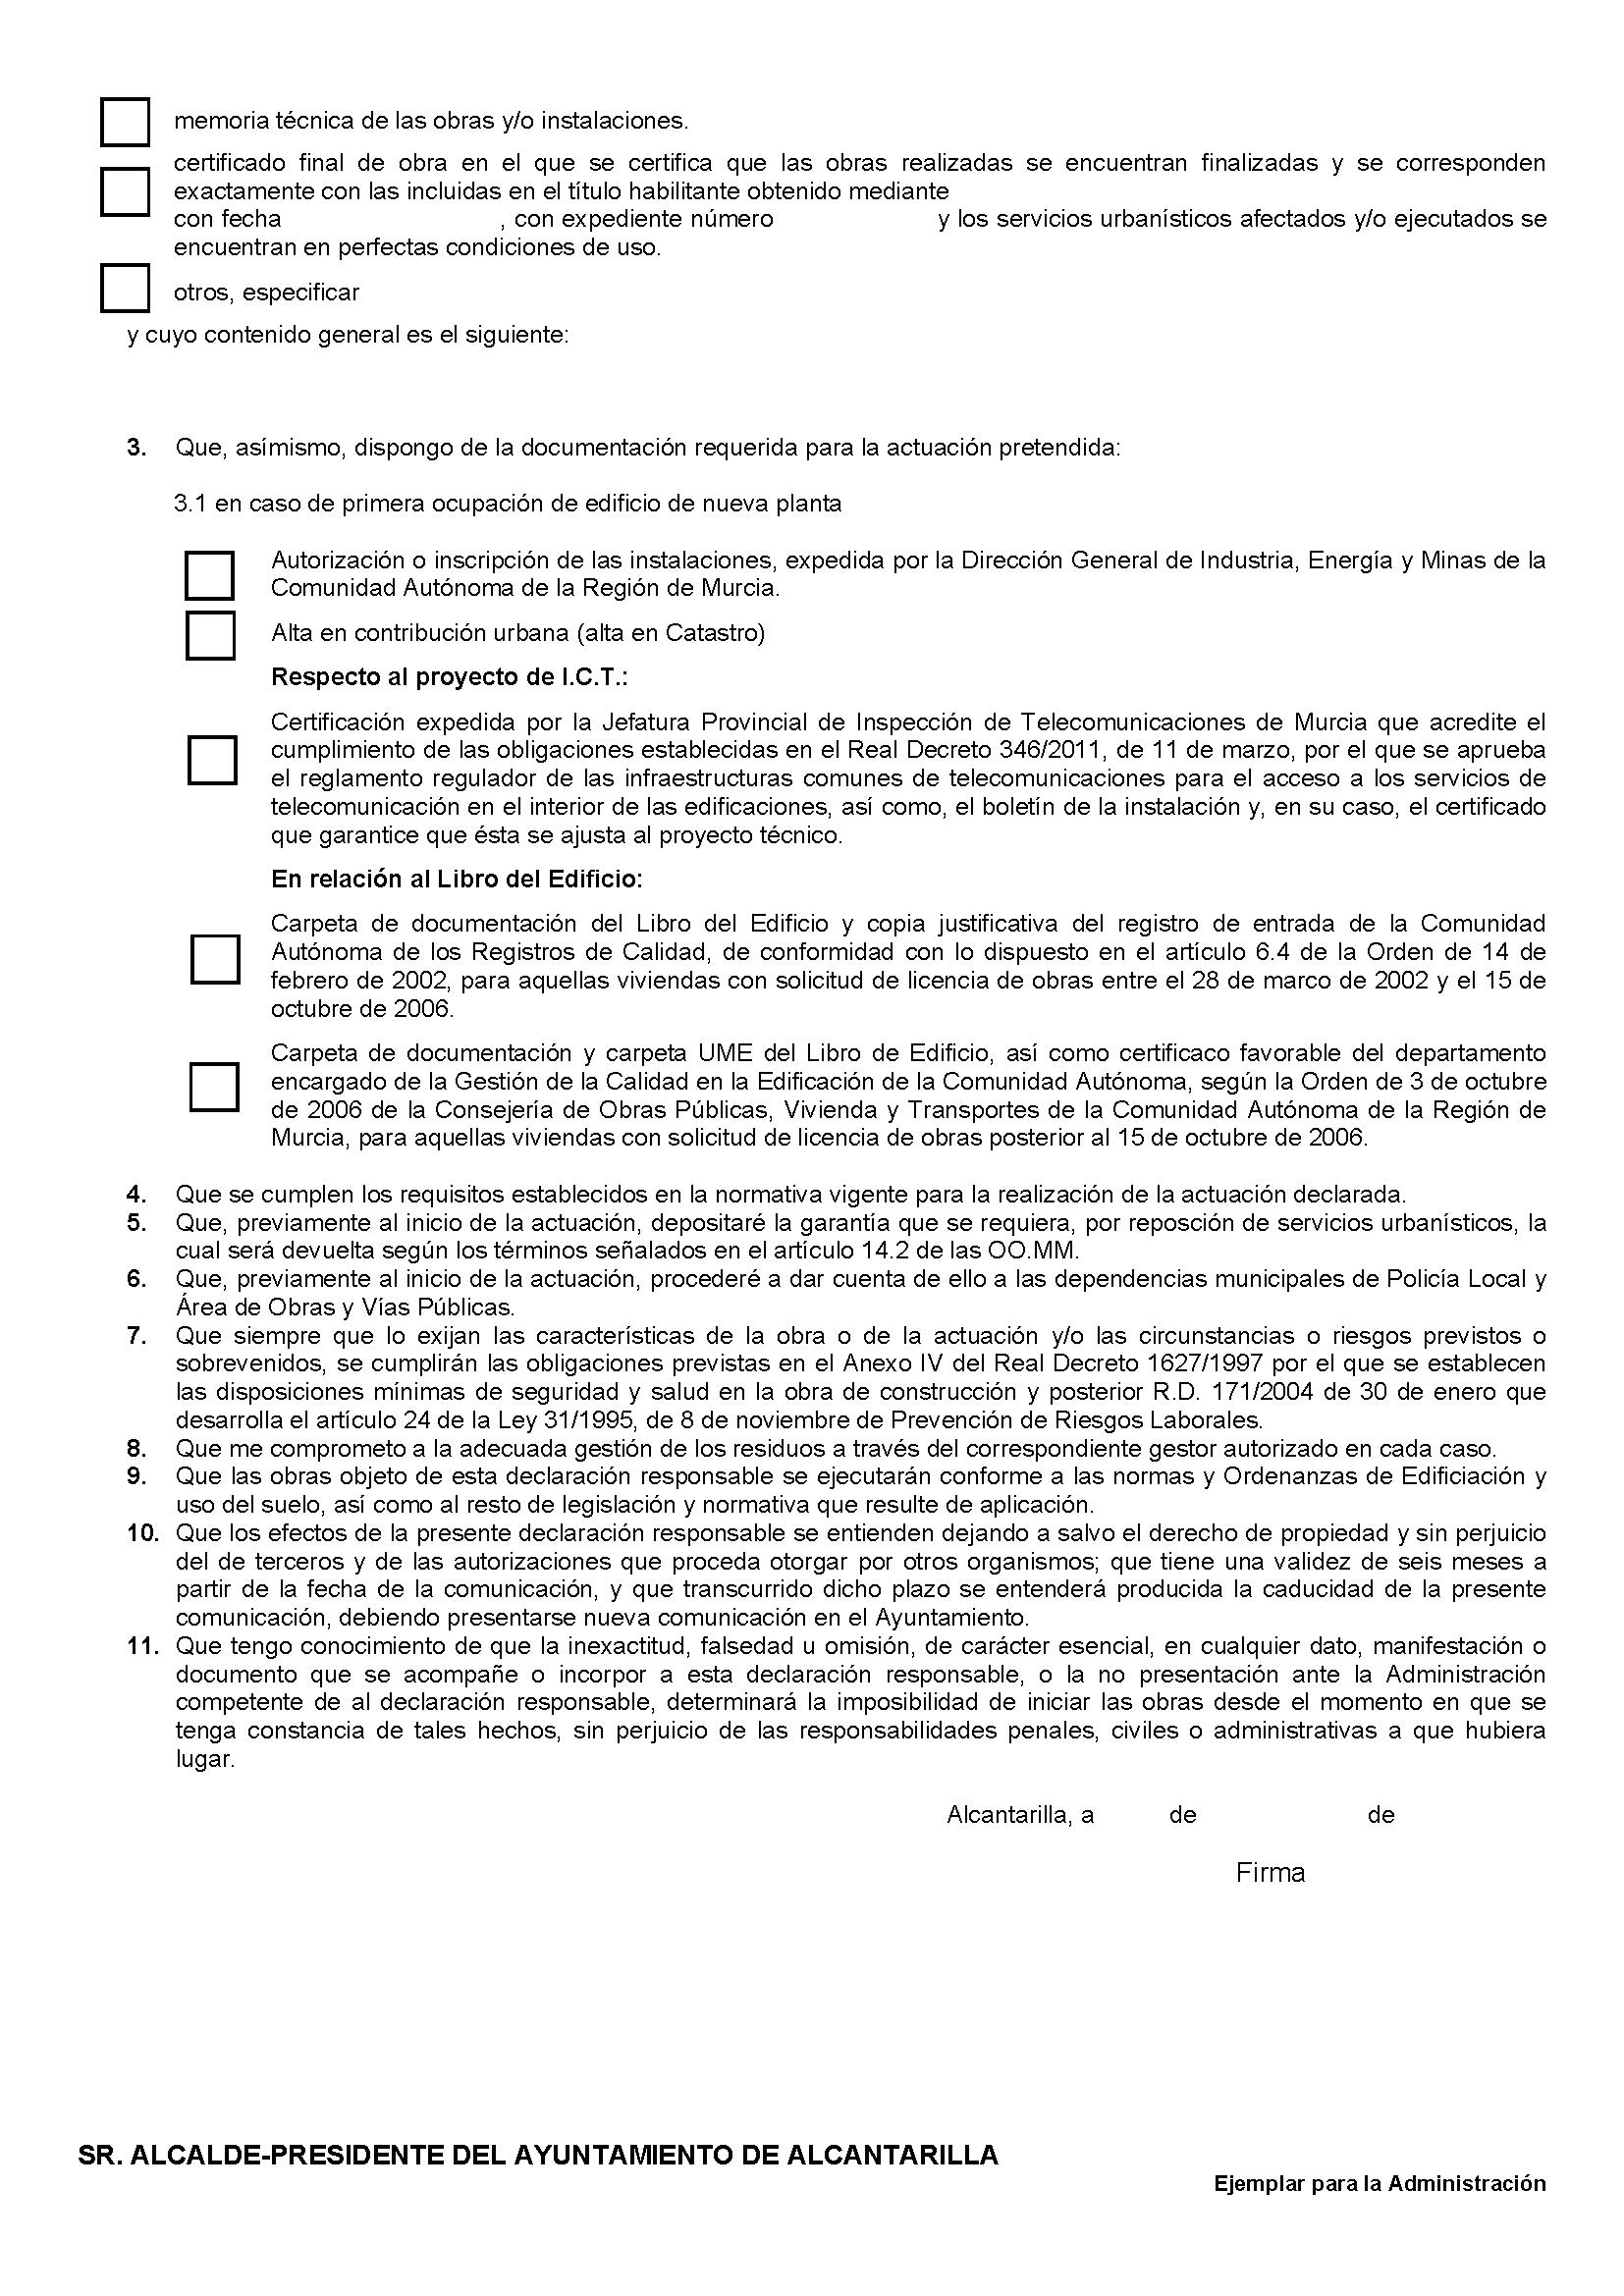 Impreso Declaración Responsable Segunda Ocupacion Alcantarilla_Página_2